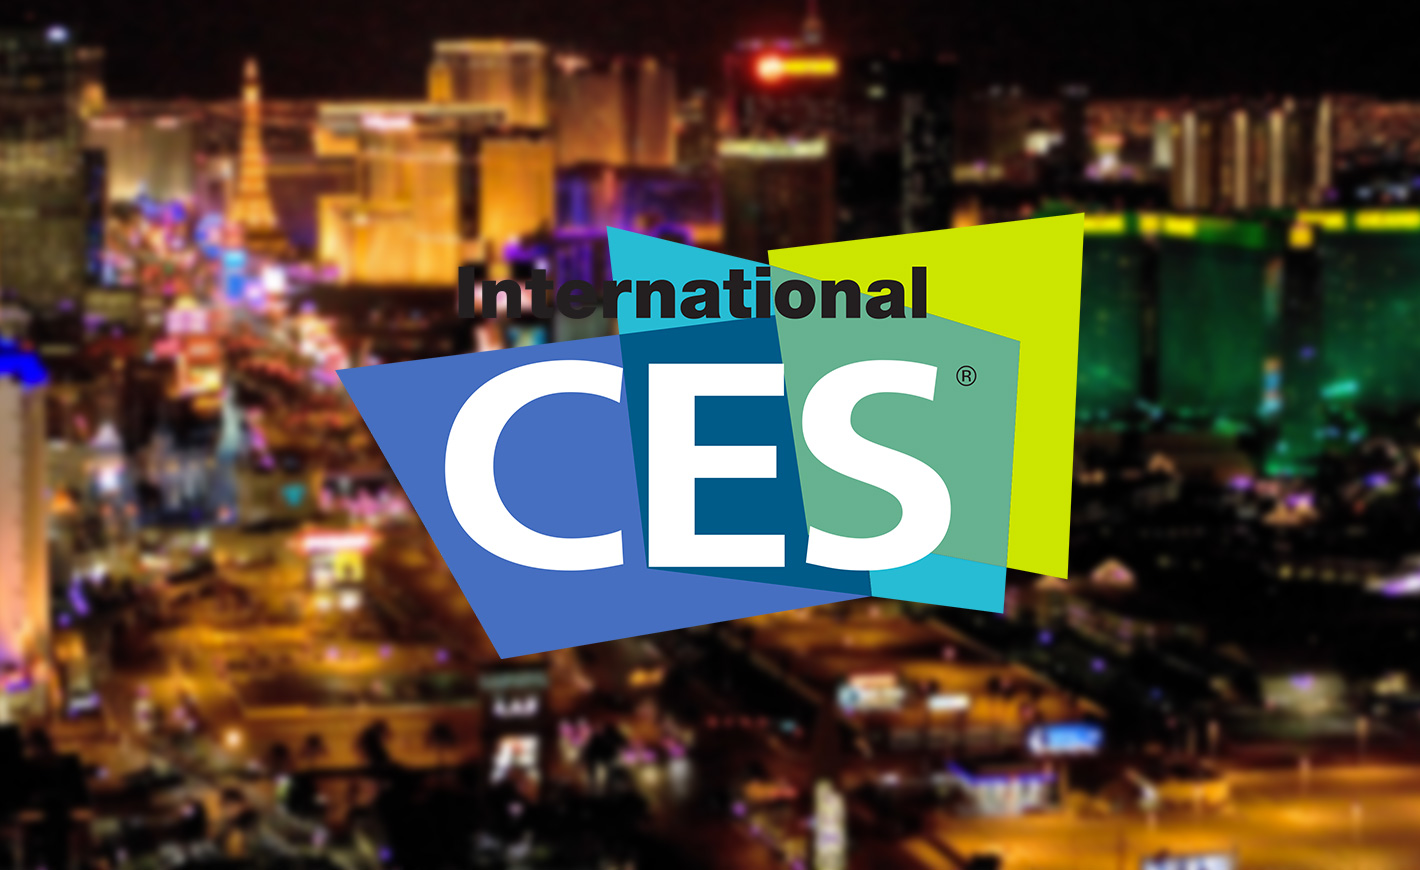 Las-Vegas-CES-2017